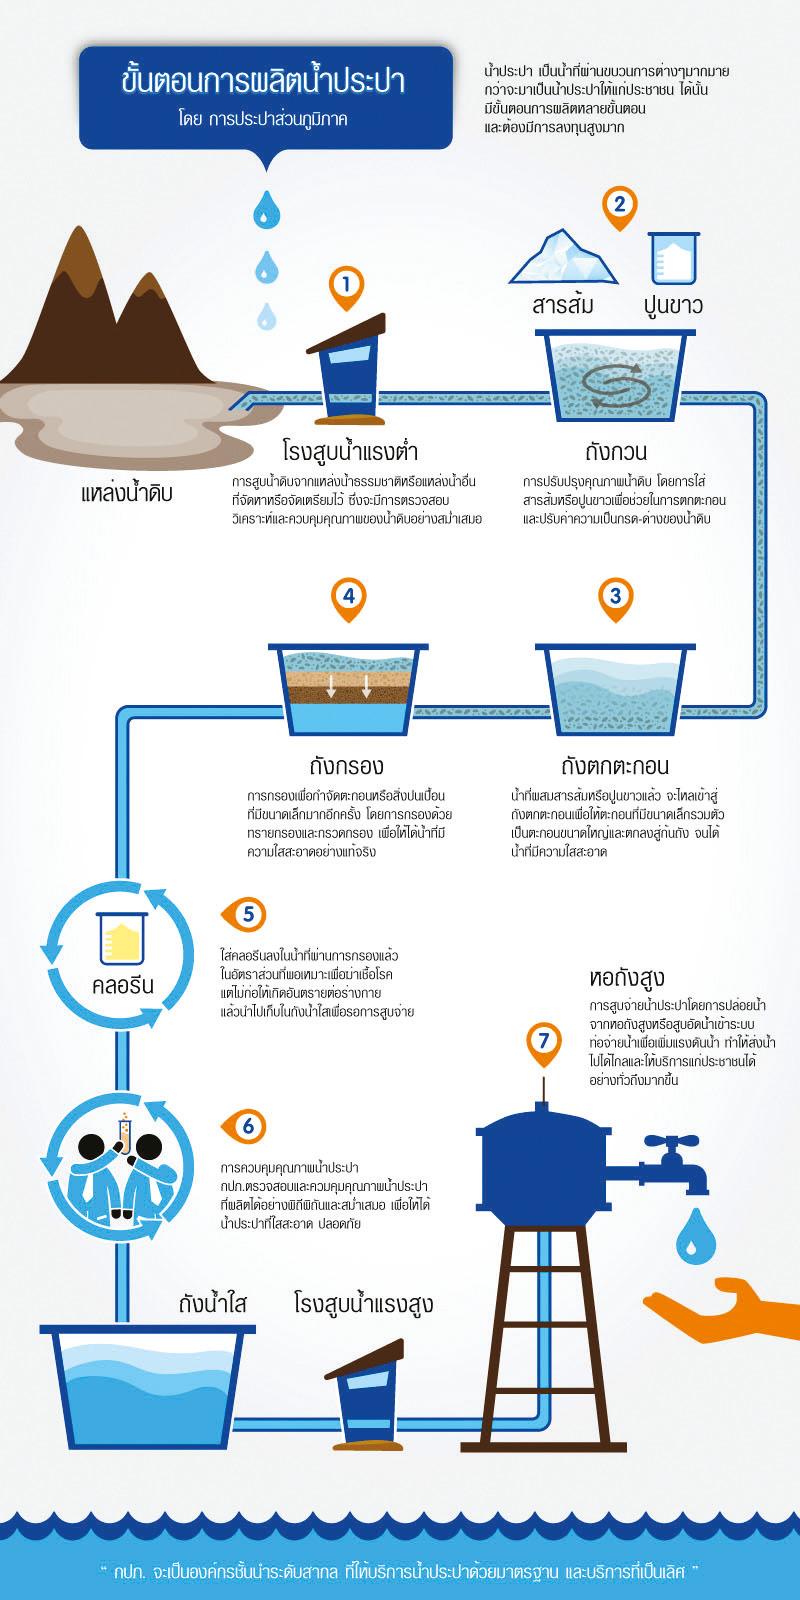 กระบวนการผลิตน้ำประปาที่ใช้อยู่ในประเทศไทย